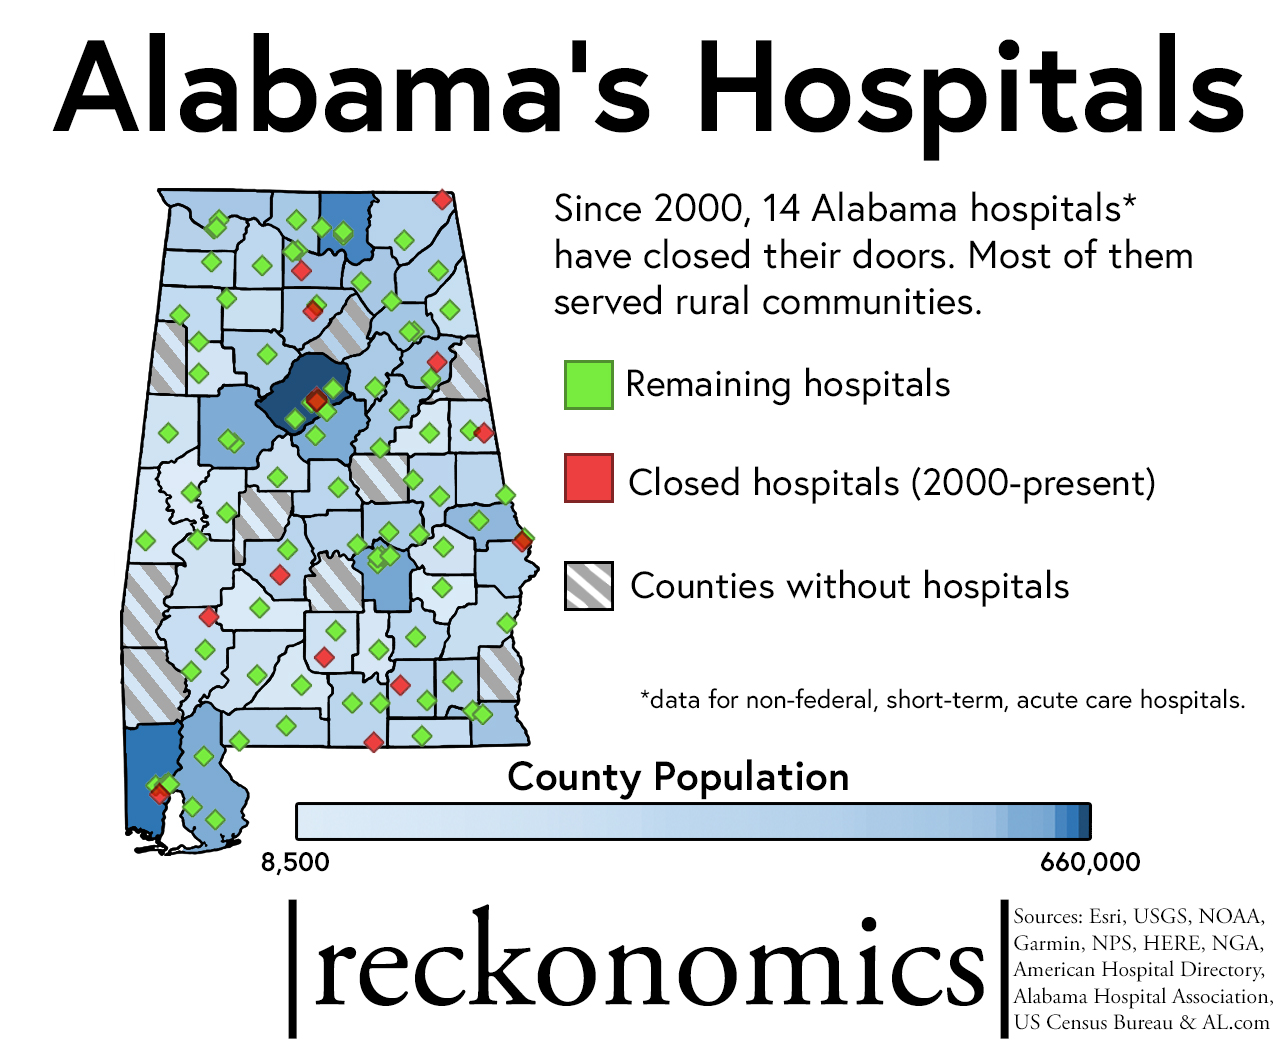 Reckonomics: Alabama's Hospitals